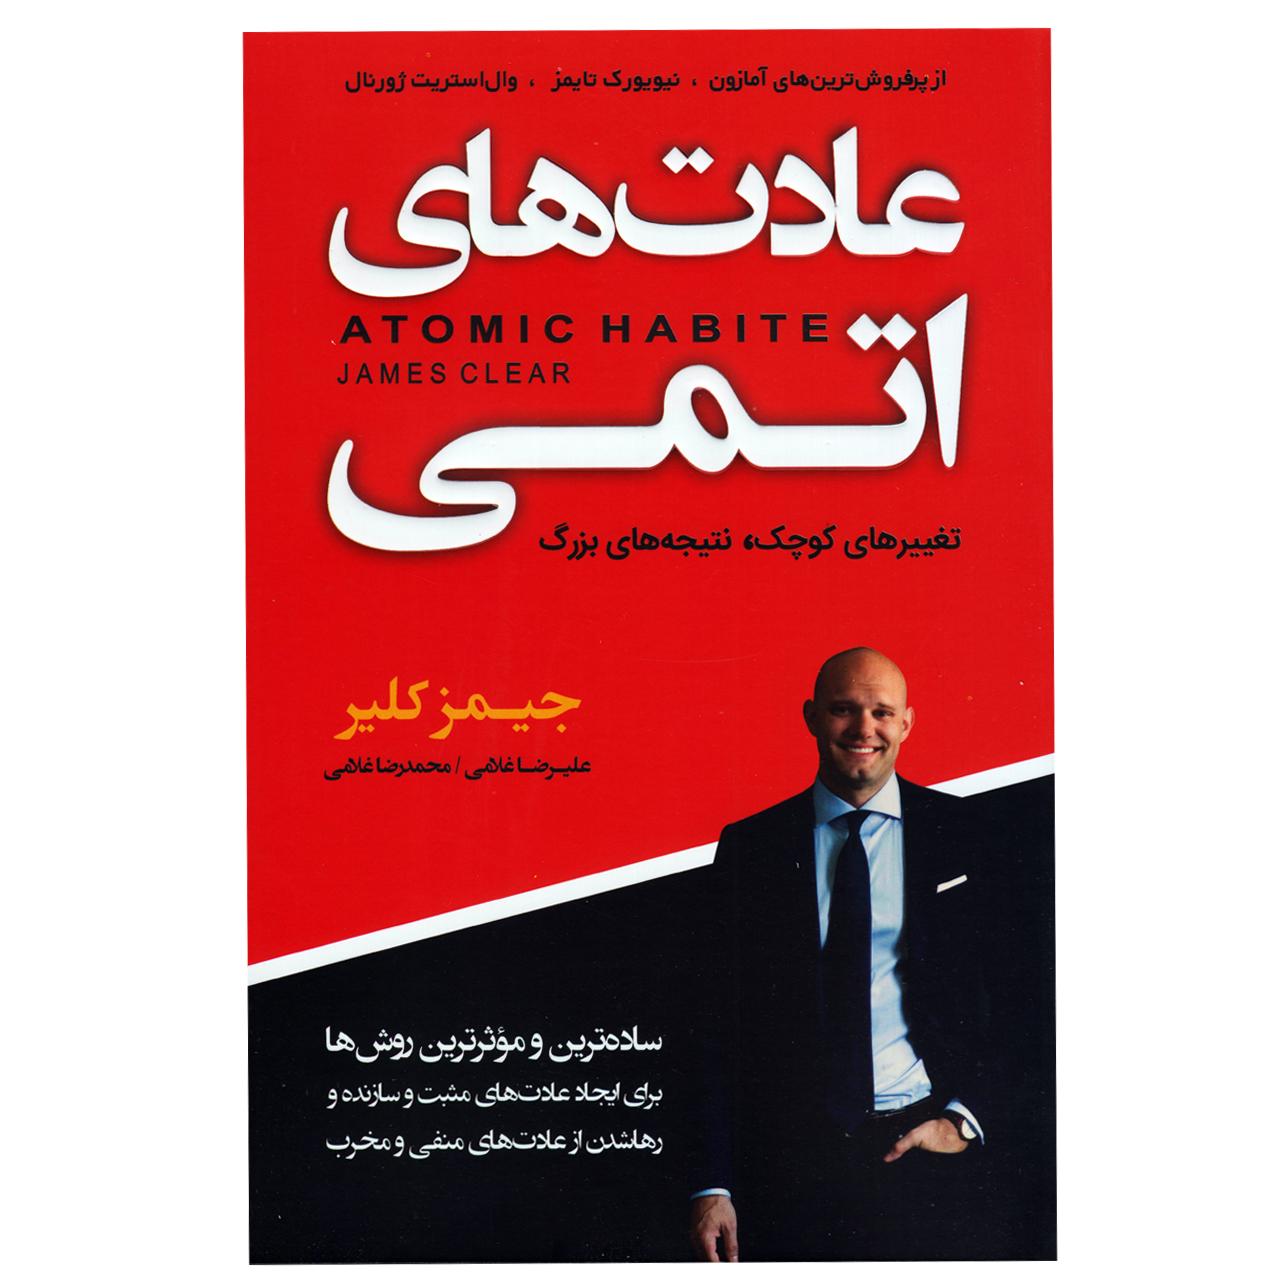 کتاب عادت های اتمی اثر جیمز کلیر انتشارات آتیسا              پرفروش